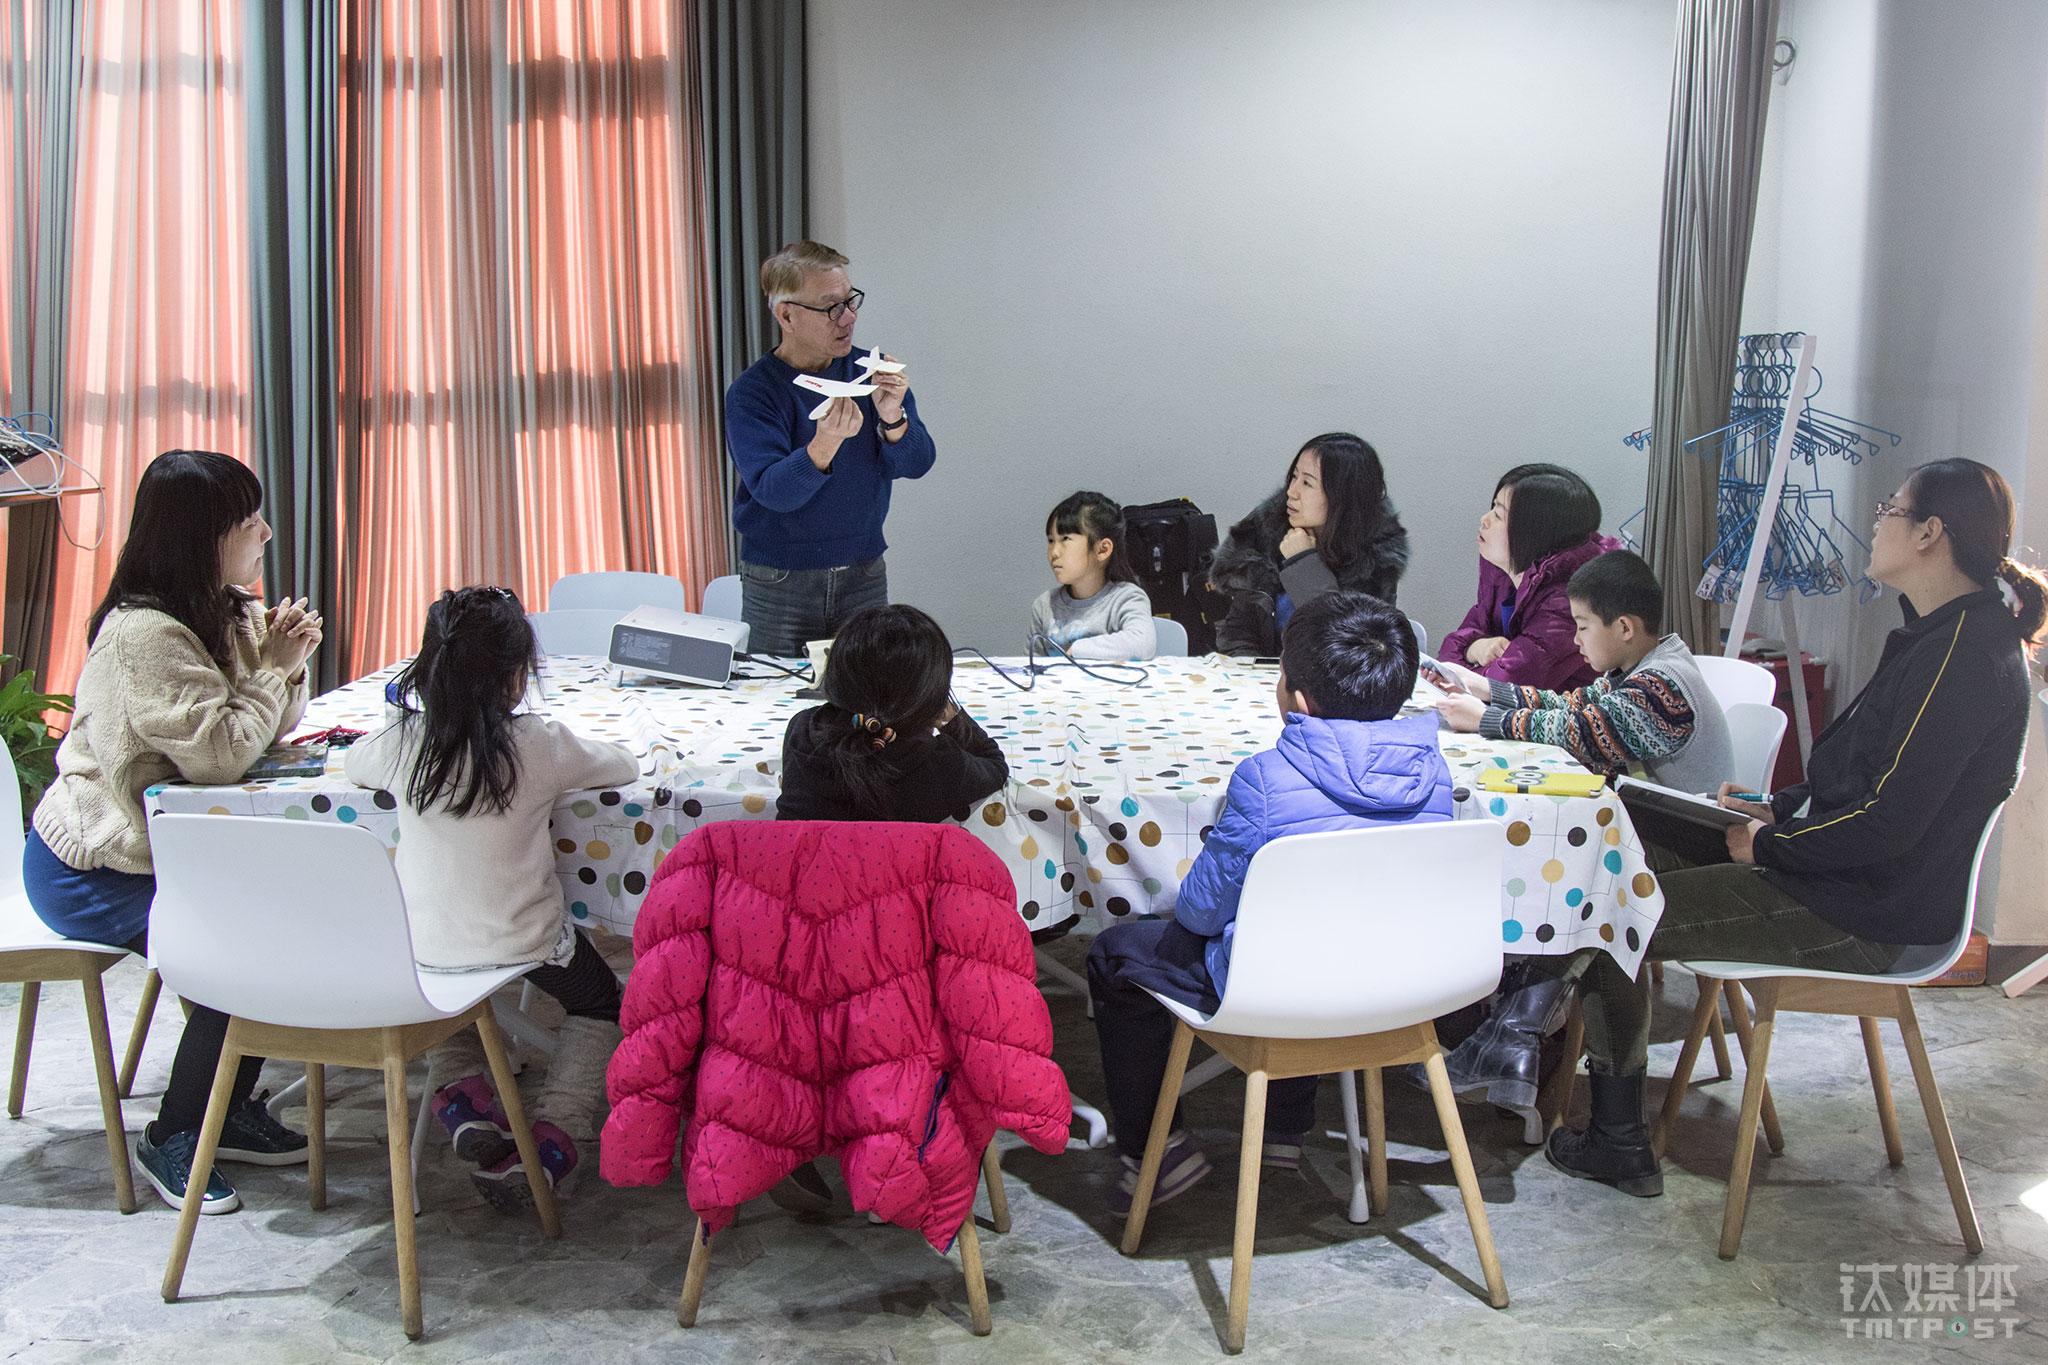 2016年1月19日,来自台湾的手工航模匠人郑富德在一家早教中心上亲子航模课。在台湾经历了手工模型行业的衰落,这位做了35年航模的老人来到北京寻找机会,几个月的时间,他跟一些早教机构合作,一边熟悉北京的孩子,一边了解北京的航模市场,为重开自己的Maker航模教室做准备。(62岁台湾航模创客的北漂创业生活)